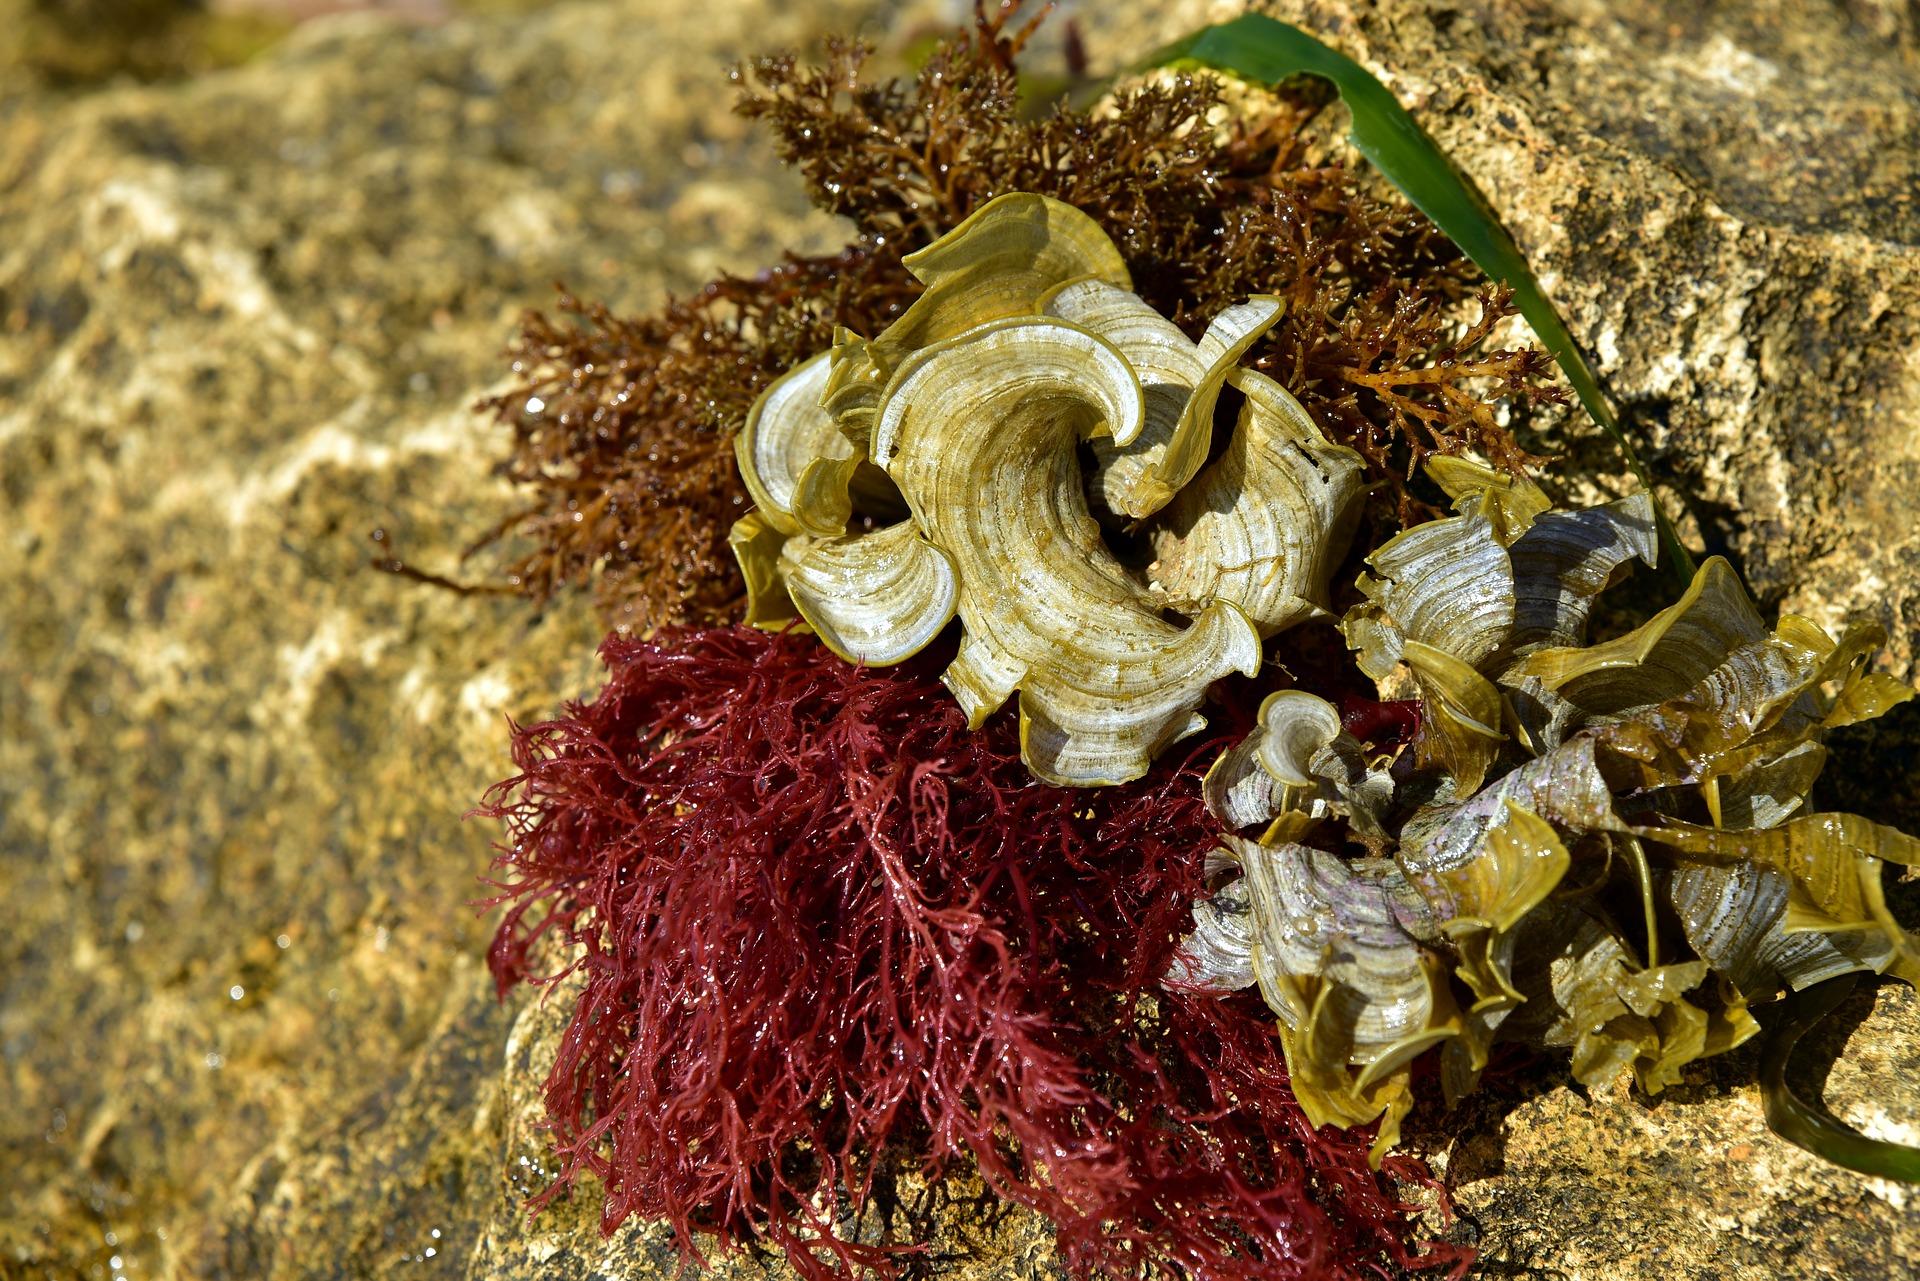 alga-chondrus-crispus